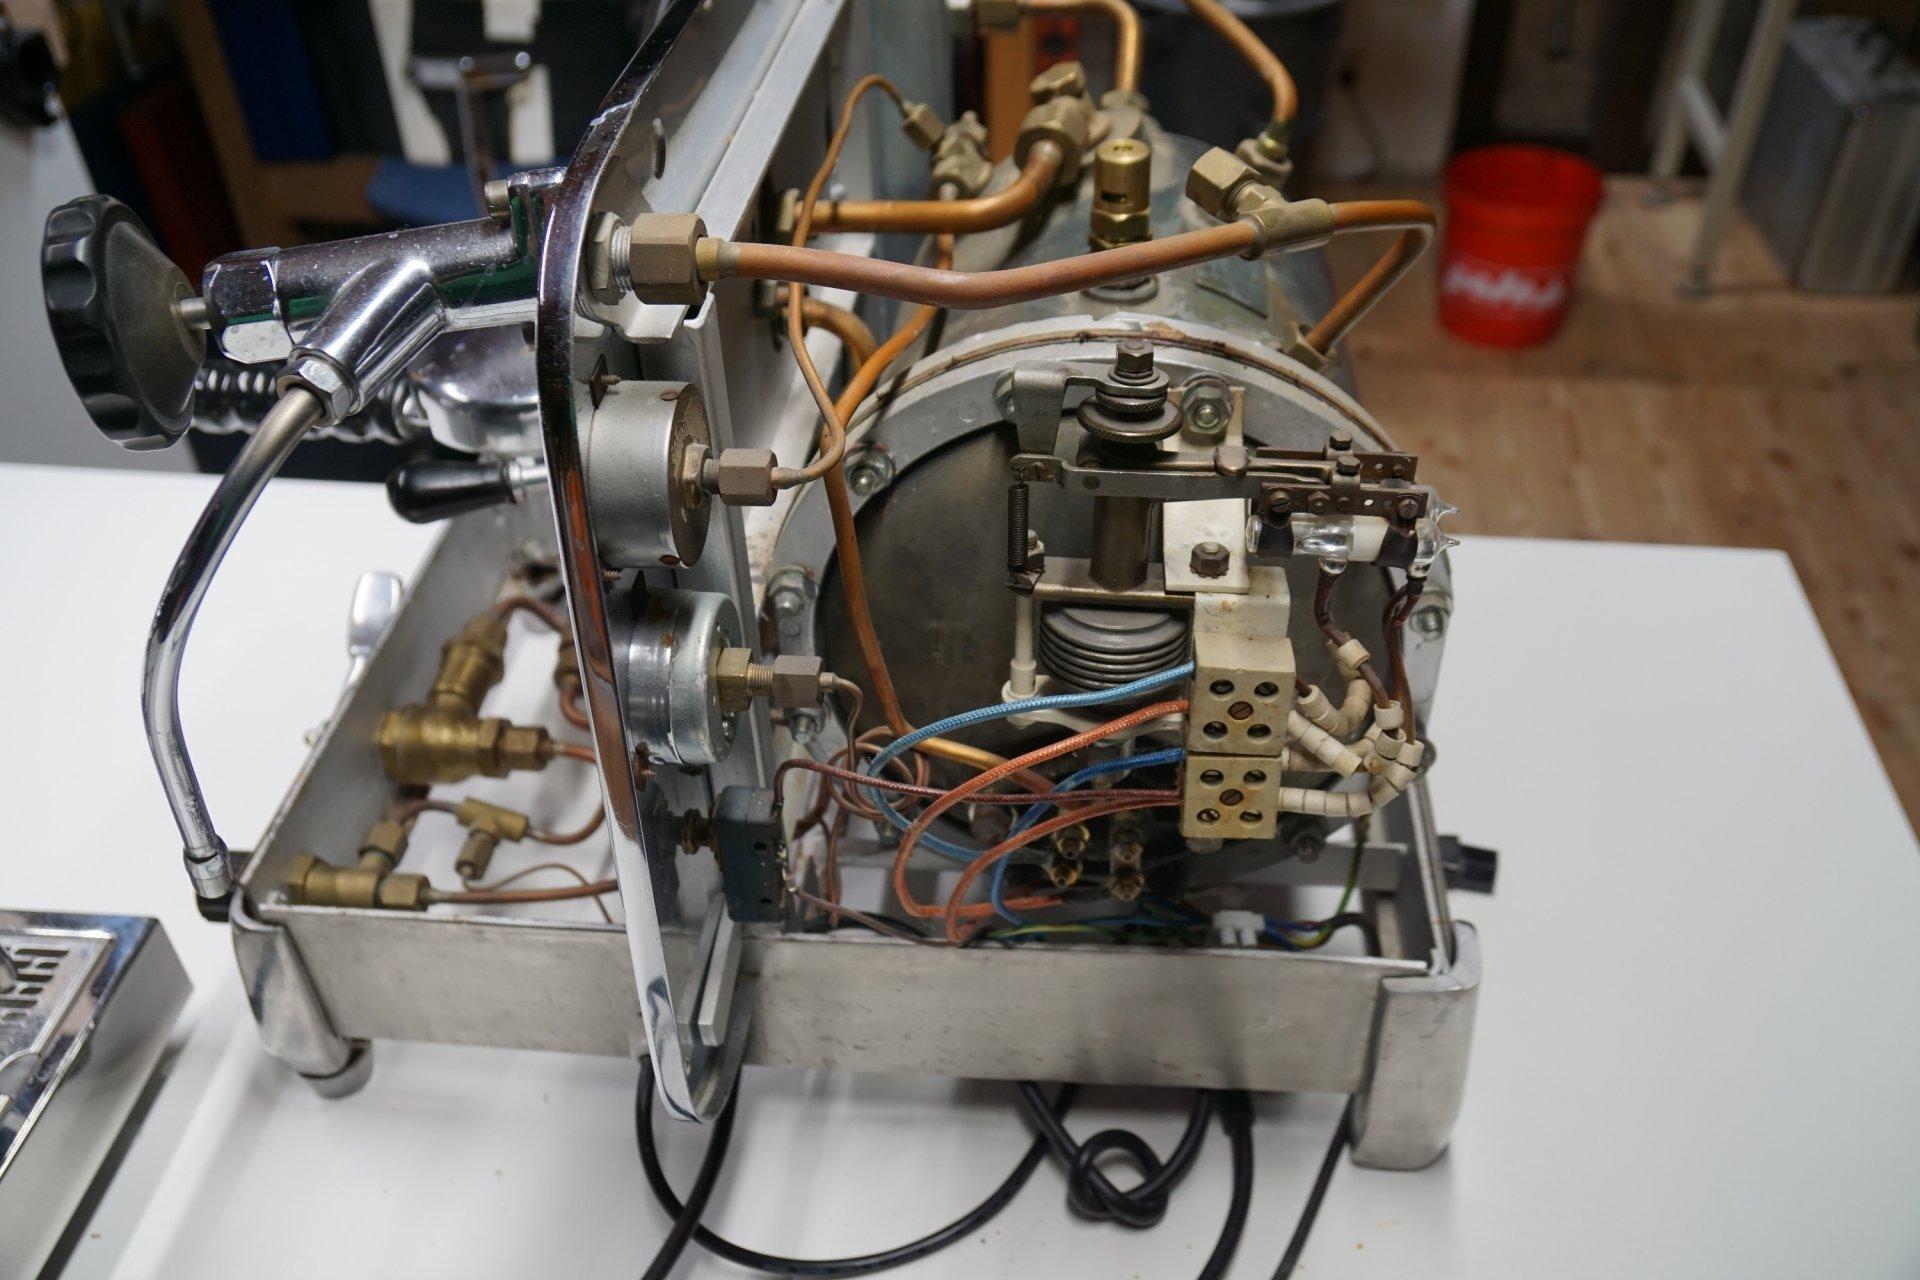 DSC02709rs.JPG